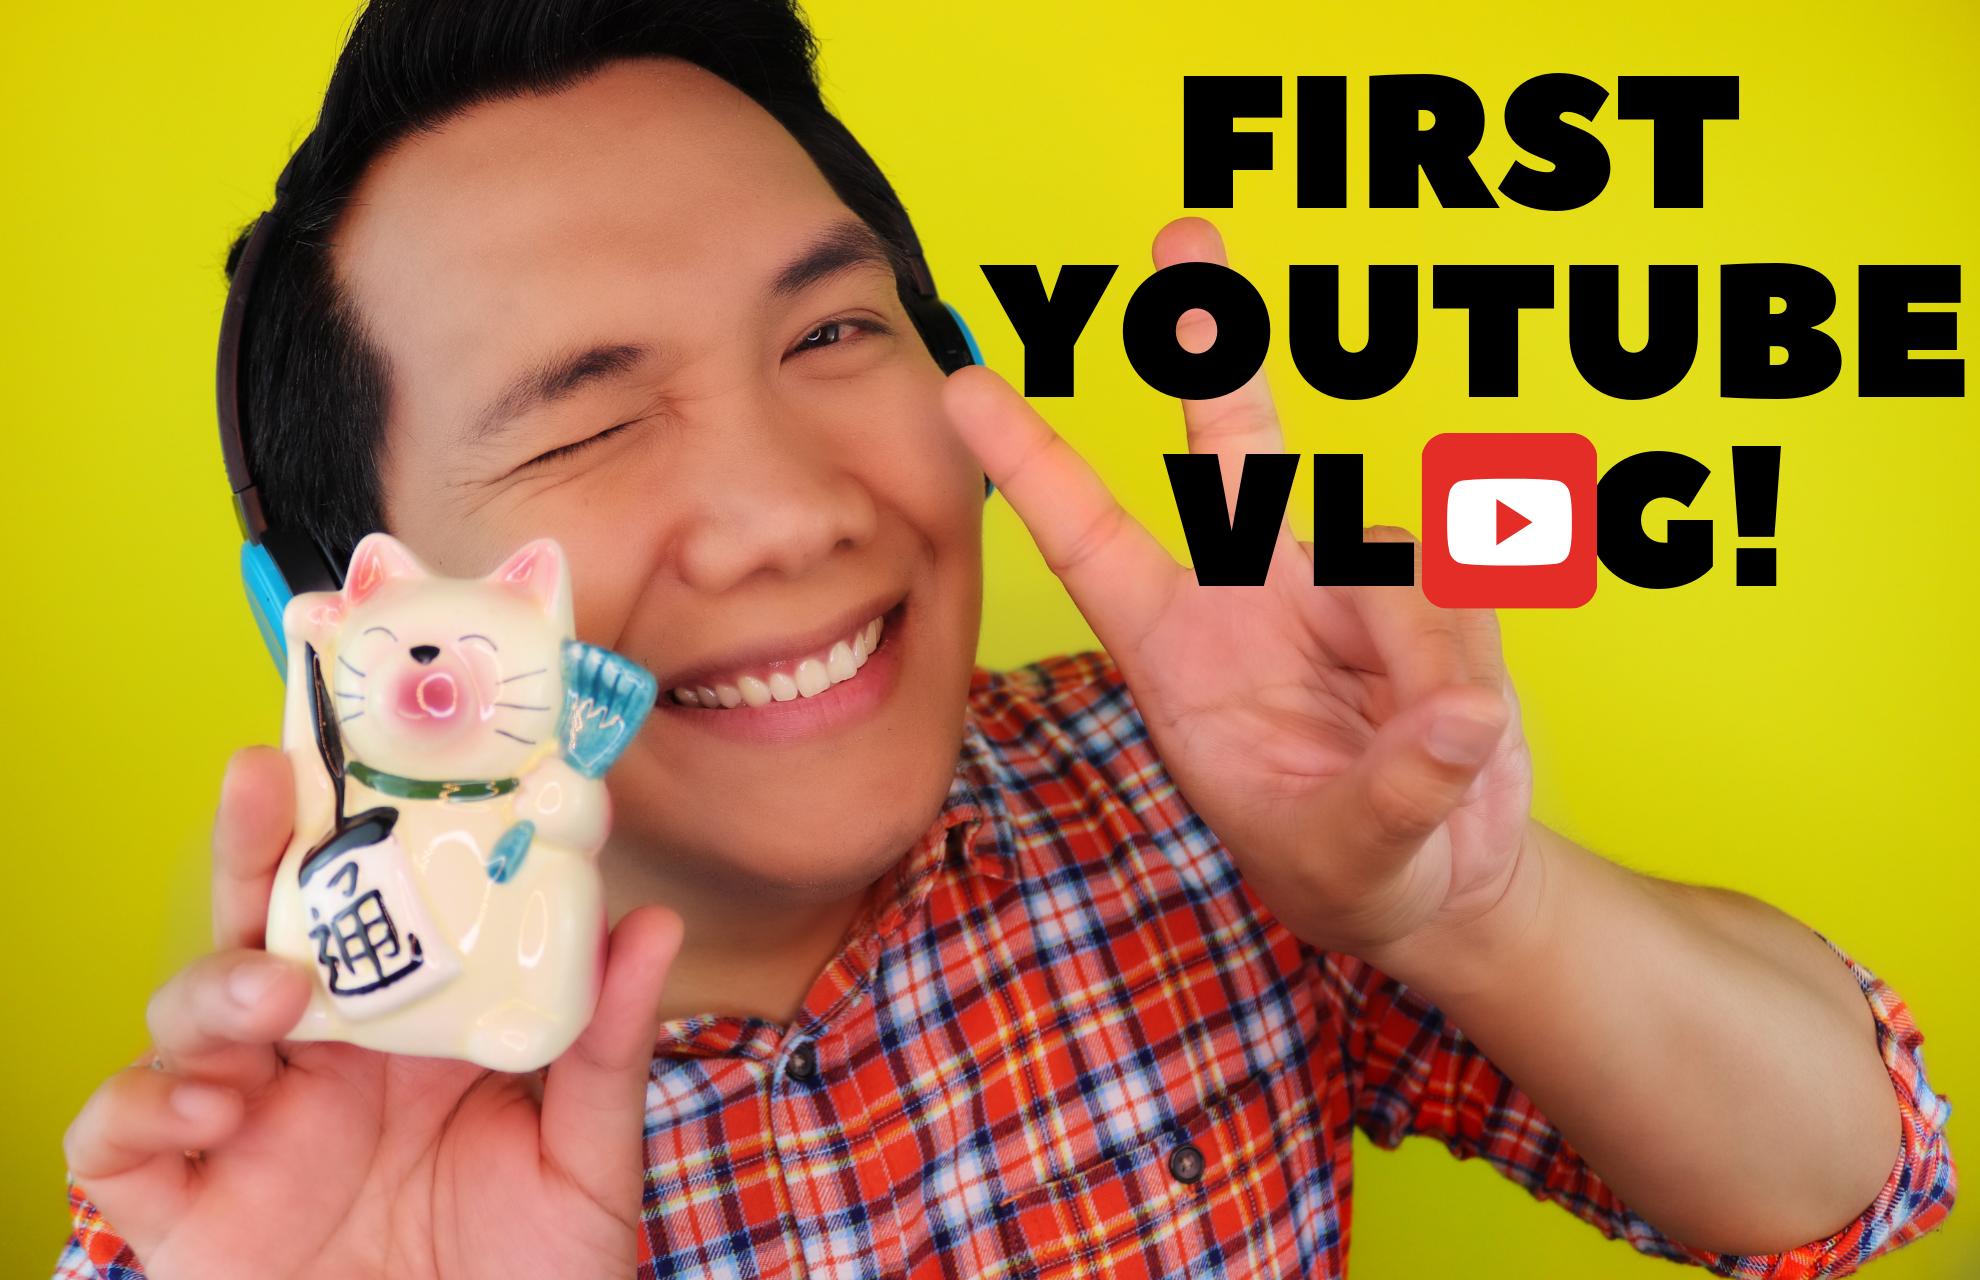 Blogger-Vlogger